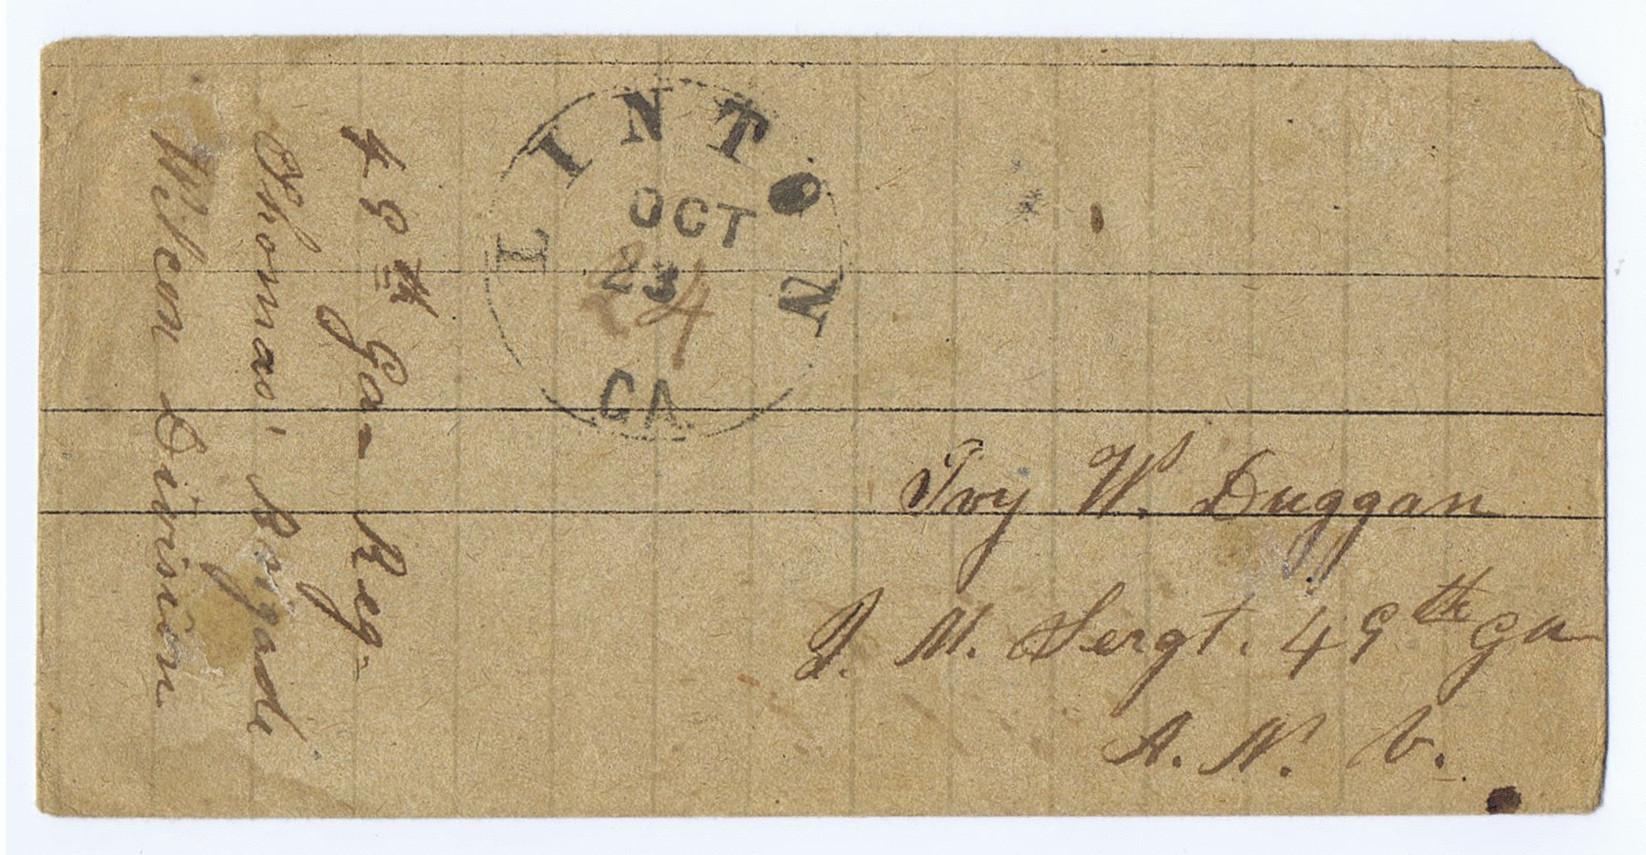 c470f9772 Auction, Collectibles Auction, Original Historical Documents - Cohasco DPC